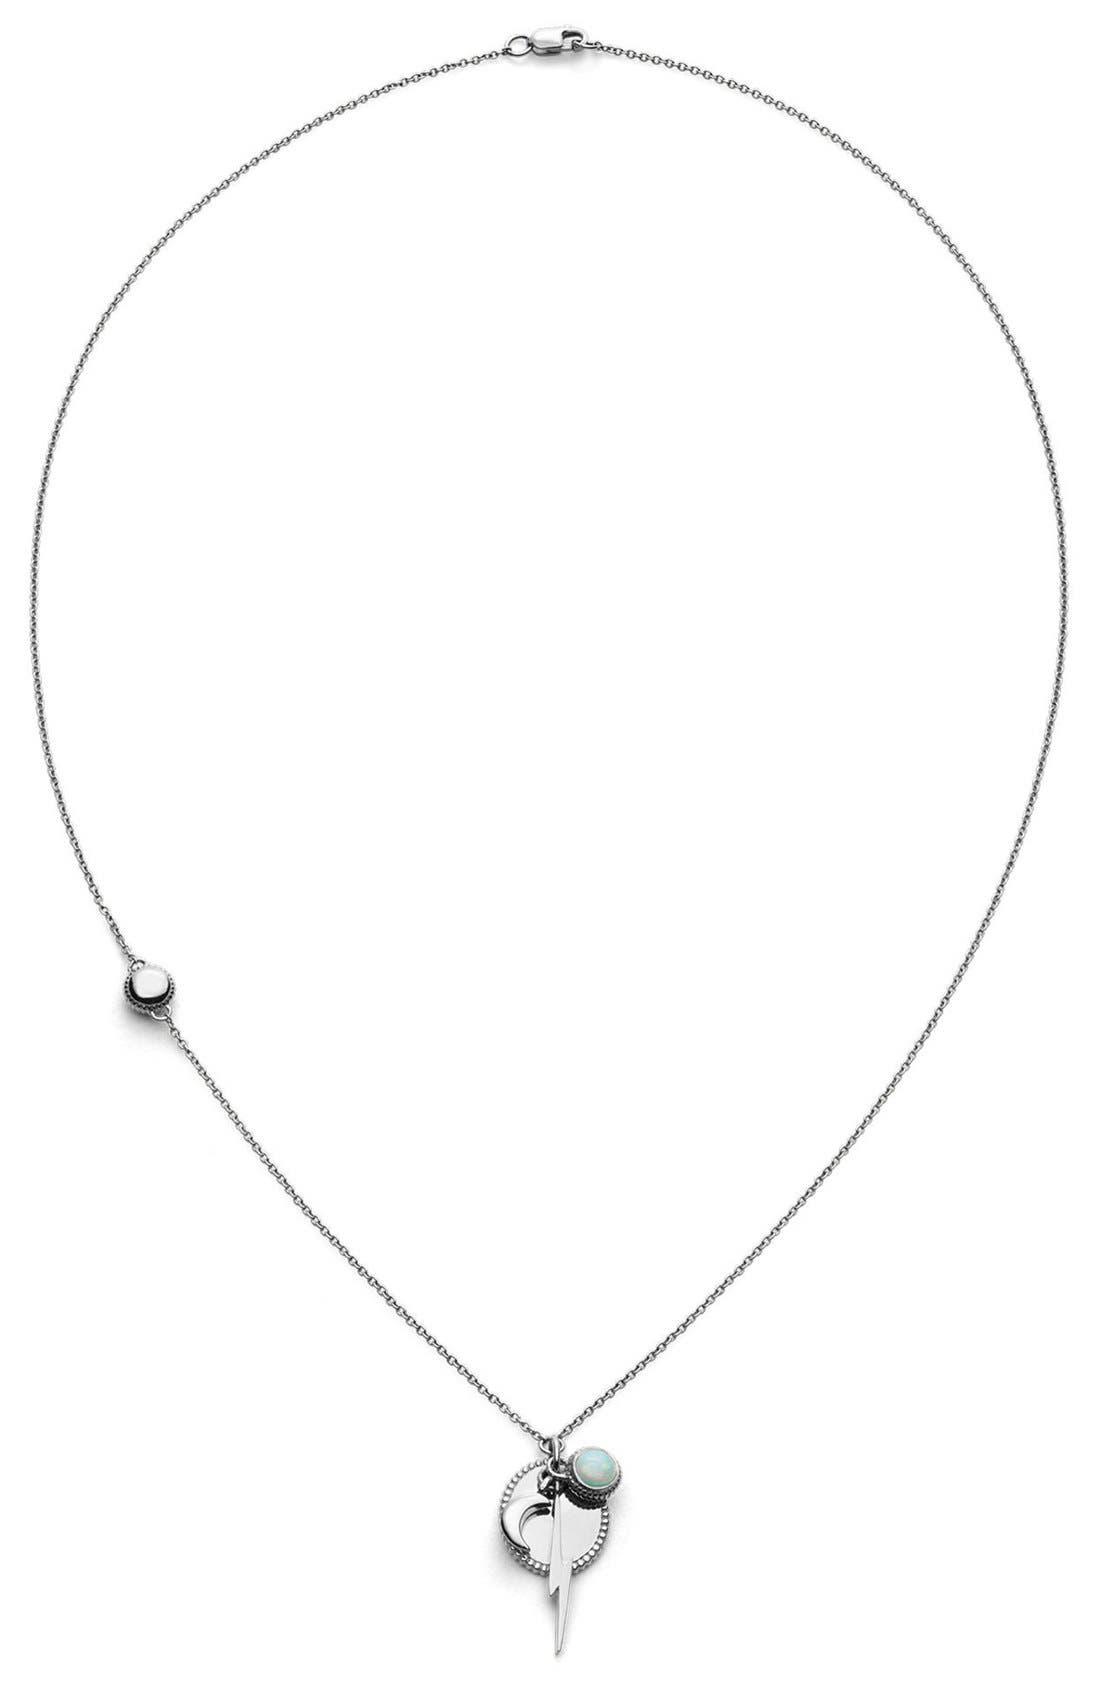 Bolt Cluster Pendant Necklace,                             Alternate thumbnail 2, color,                             040